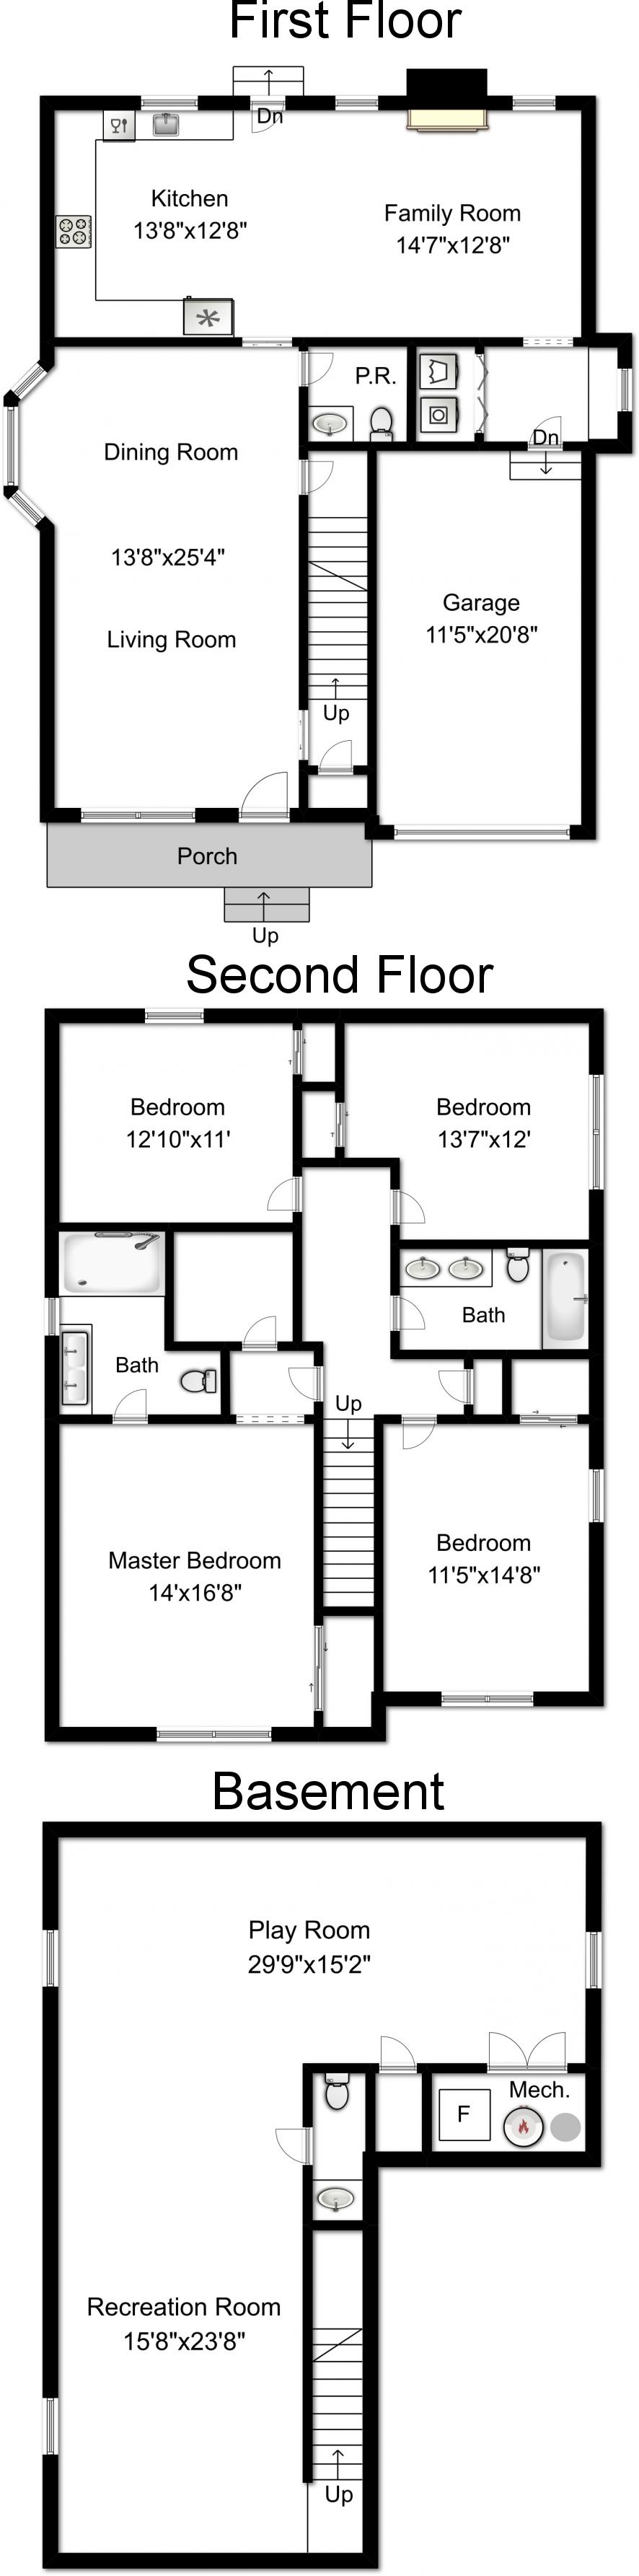 112 N. Florence Floor Plan